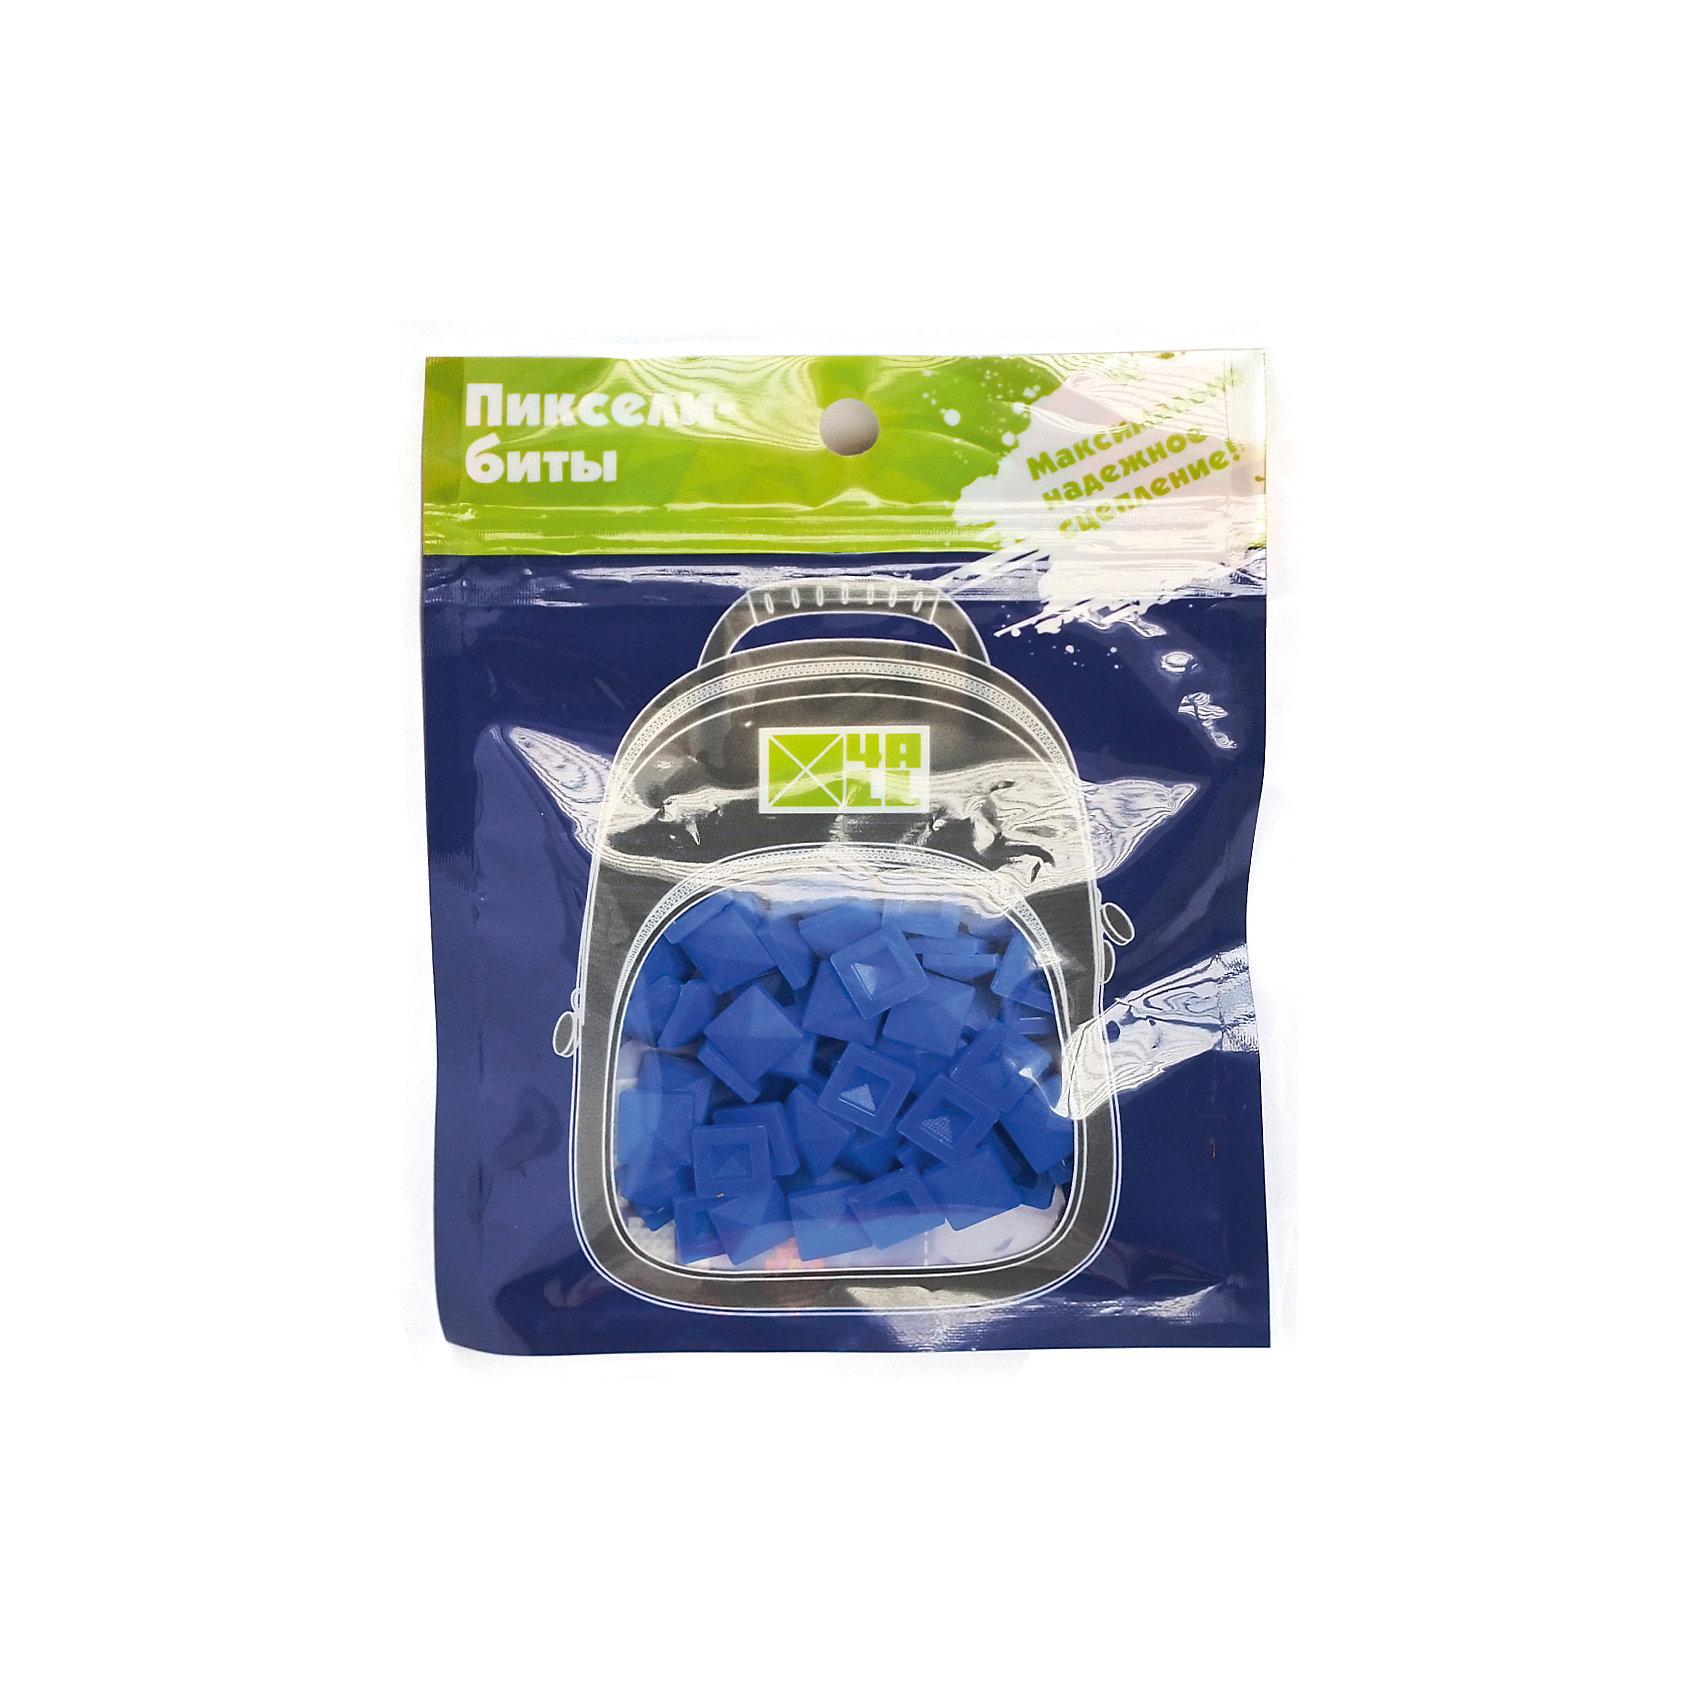 Набор для рюкзака 4ALL пиксель-Бит, синий, 80 штРюкзаки<br>Набор для творчества пиксель-Бит, синий, 80 шт.<br><br>Характеристики:<br><br>• Для детей от 3 лет<br>• Количество: 80 шт.<br>• Размер: 0,5х0,5 см.<br>• Цвет: синий<br>• Материал: высококачественный силикон<br>• Размер упаковки: 14х11 см.<br><br>Придумай и создай дизайн своего рюкзака Case самостоятельно с наборами для творчества пиксель-Бит. Биты для пикселей легко и прочно крепятся на переднюю панель рюкзака благодаря уникальной конструкции замка. Битами можно выкладывать любые картинки или слова. Набор подходит для декорирования рюкзаков серии 4all Case. Изготовлен из высококачественного гипоаллергенного силикона. Развивает мелкую моторику рук, творческий потенциал и воображение.<br><br>Набор для творчества пиксель-Бит, синие, 80 шт можно купить в нашем интернет-магазине.<br><br>Ширина мм: 140<br>Глубина мм: 110<br>Высота мм: 50<br>Вес г: 25<br>Возраст от месяцев: 36<br>Возраст до месяцев: 2147483647<br>Пол: Унисекс<br>Возраст: Детский<br>SKU: 5490444